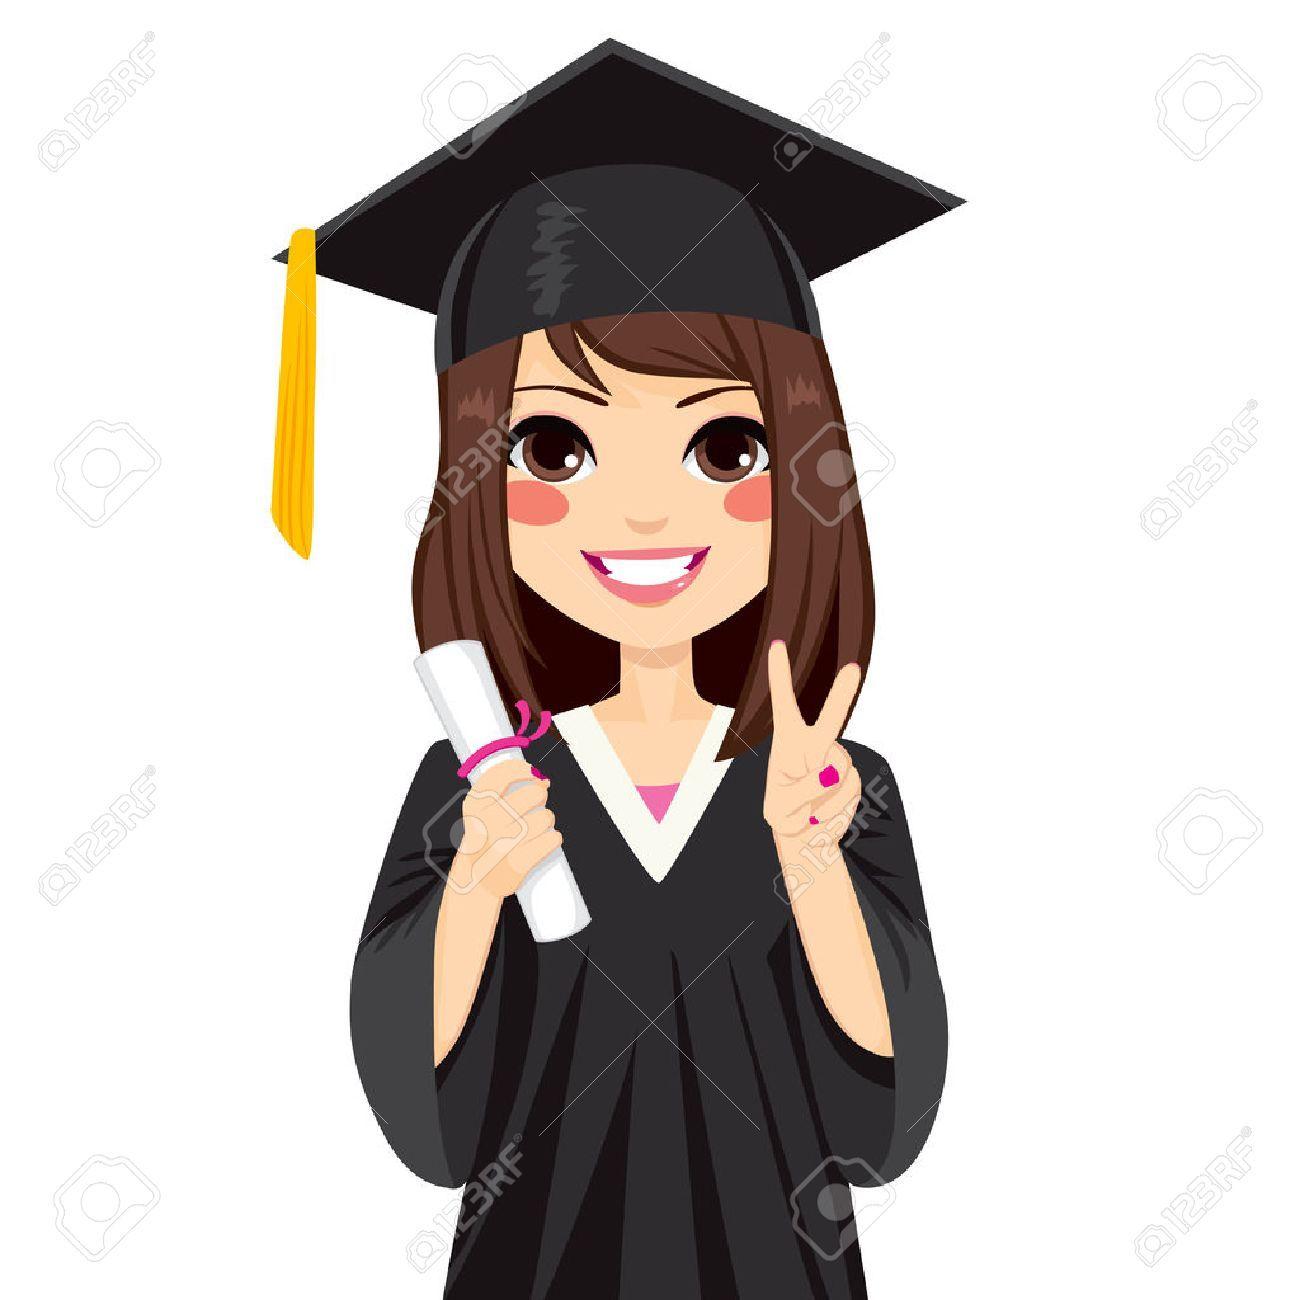 Muchacha Morena Hermosa En Dia De Graduacion Celebracion Diploma Y Haciendo El Gesto De La Imagenes De Ninos Graduados Imagenes De Graduados Dia De Graduacion